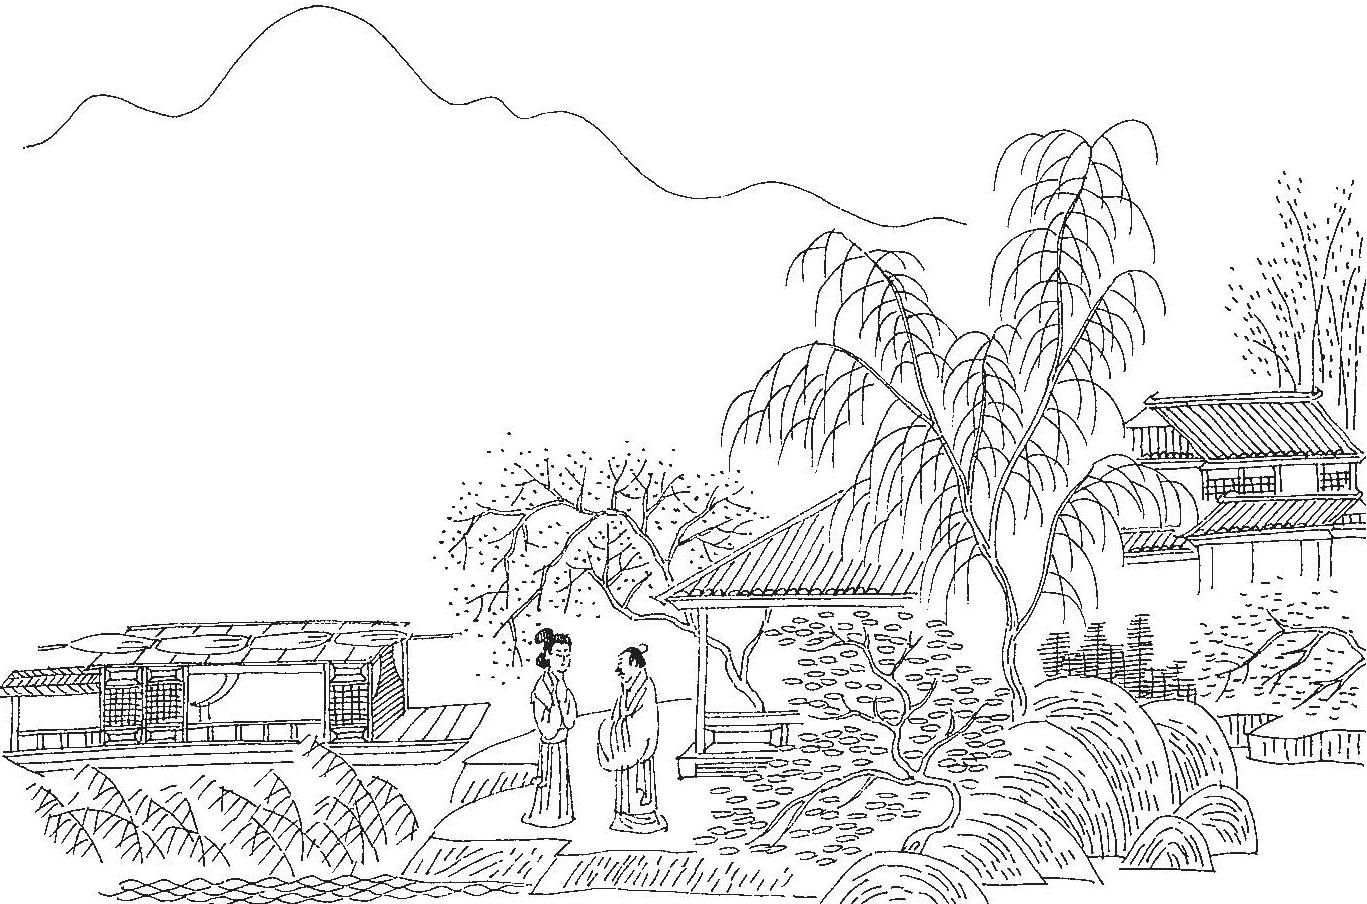 双调·落梅风·答卢疏斋(山无数)